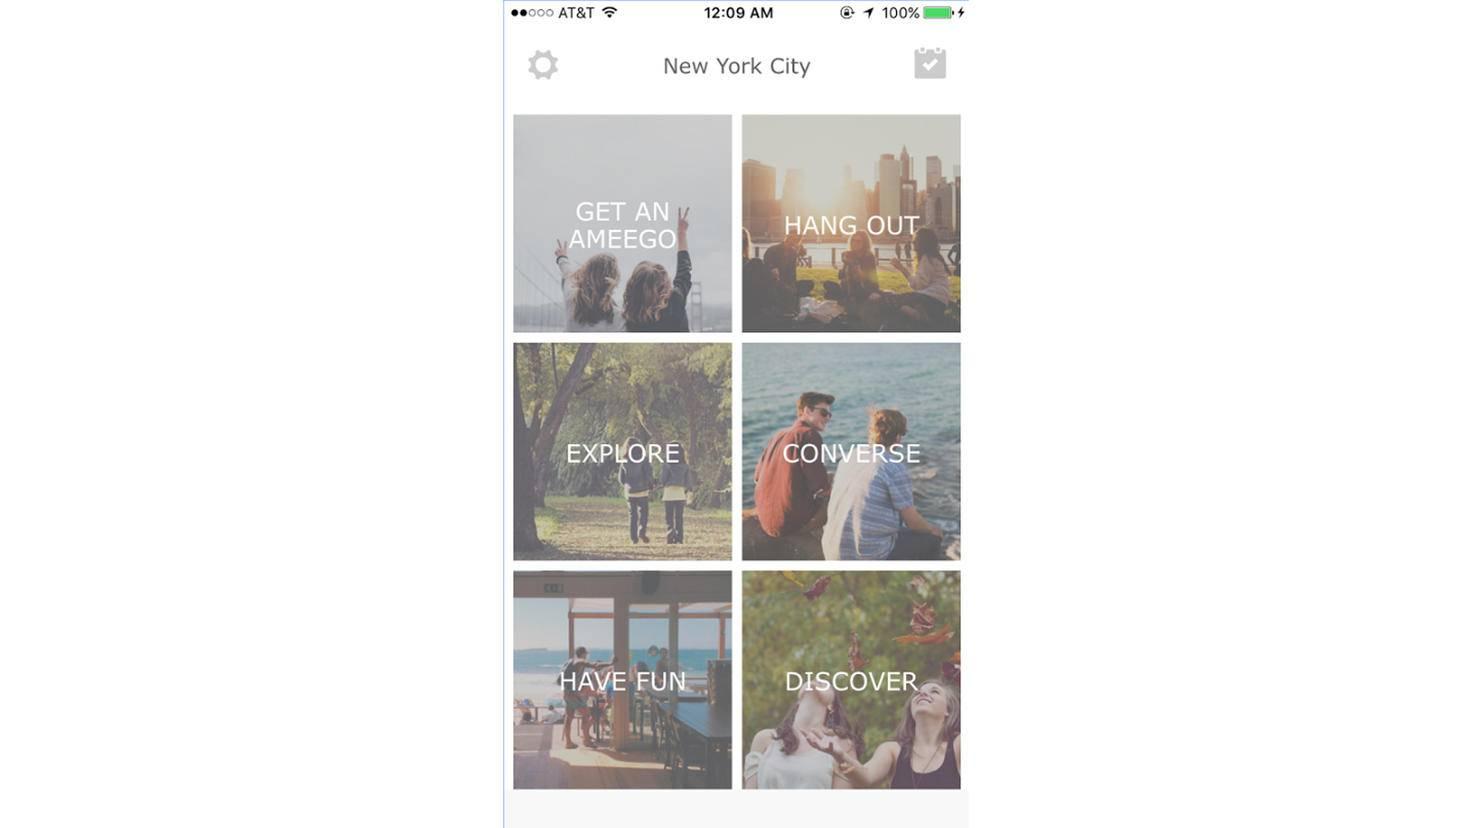 Du hast einen Stadtwechsel hinter Dir? Mit diesen Apps findest Du schnell neue Freunde.